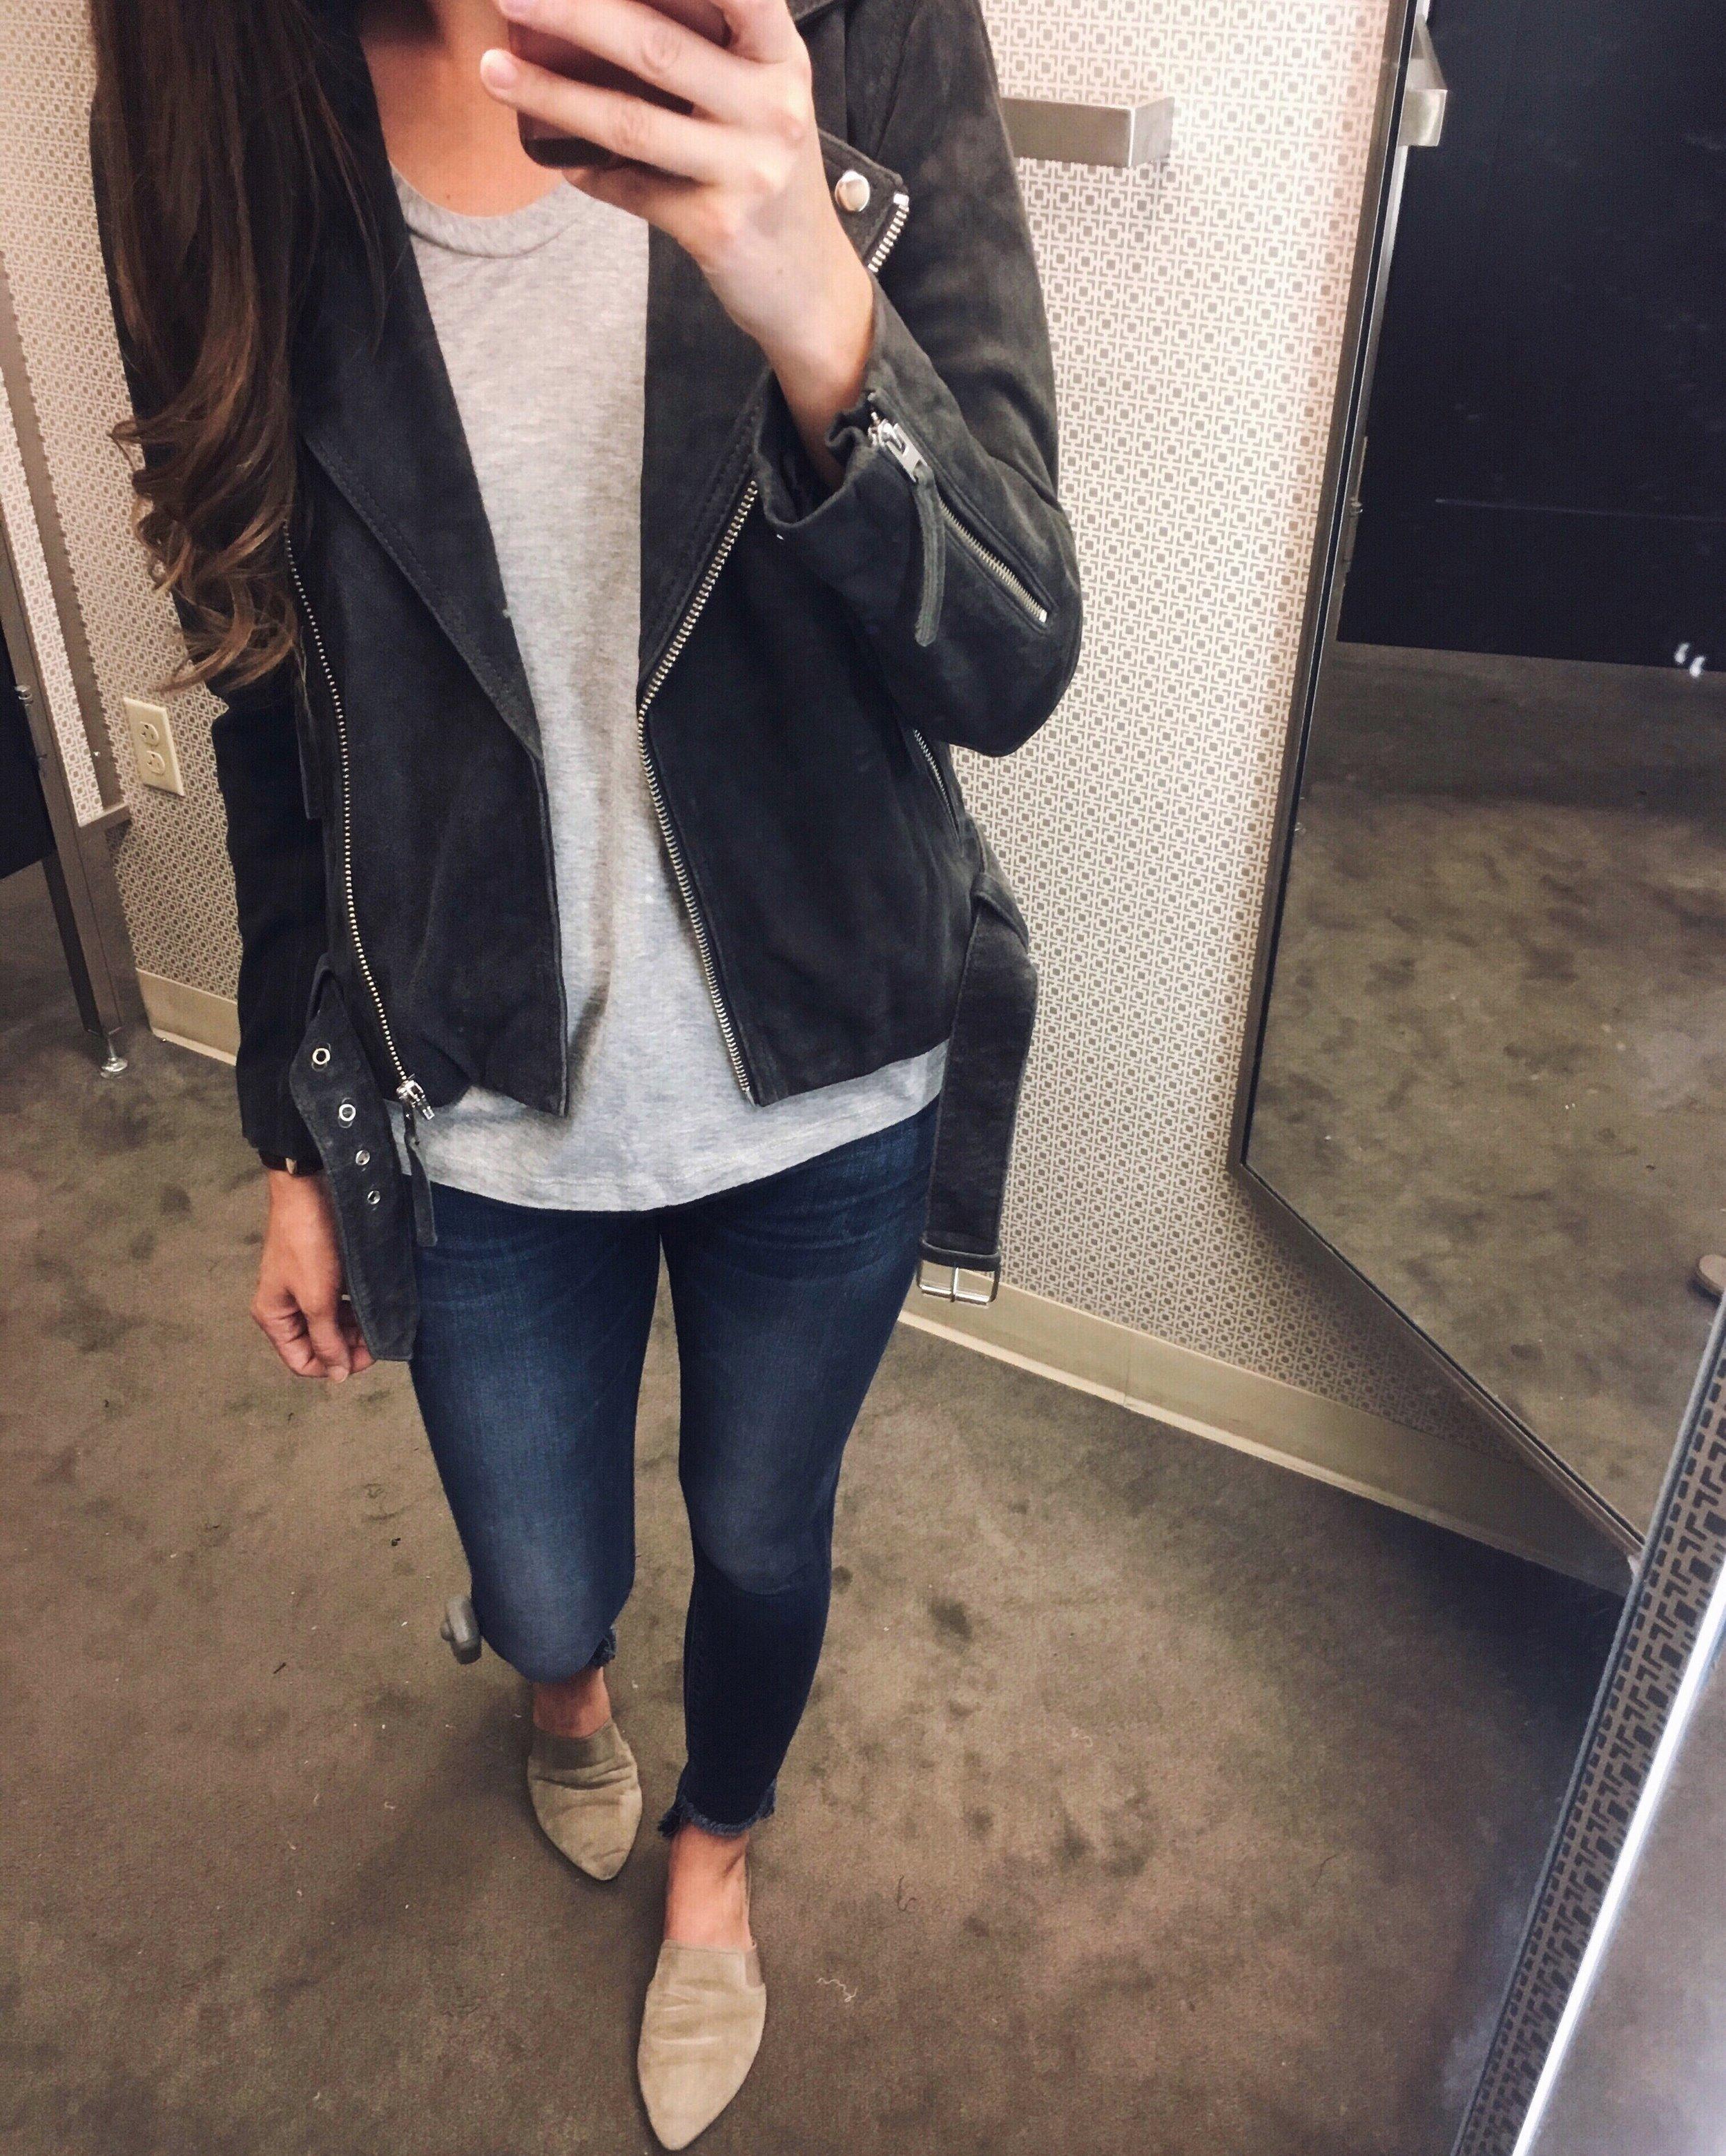 Topshop Jacket  |  Hudson Jeans  |  Vince Flats